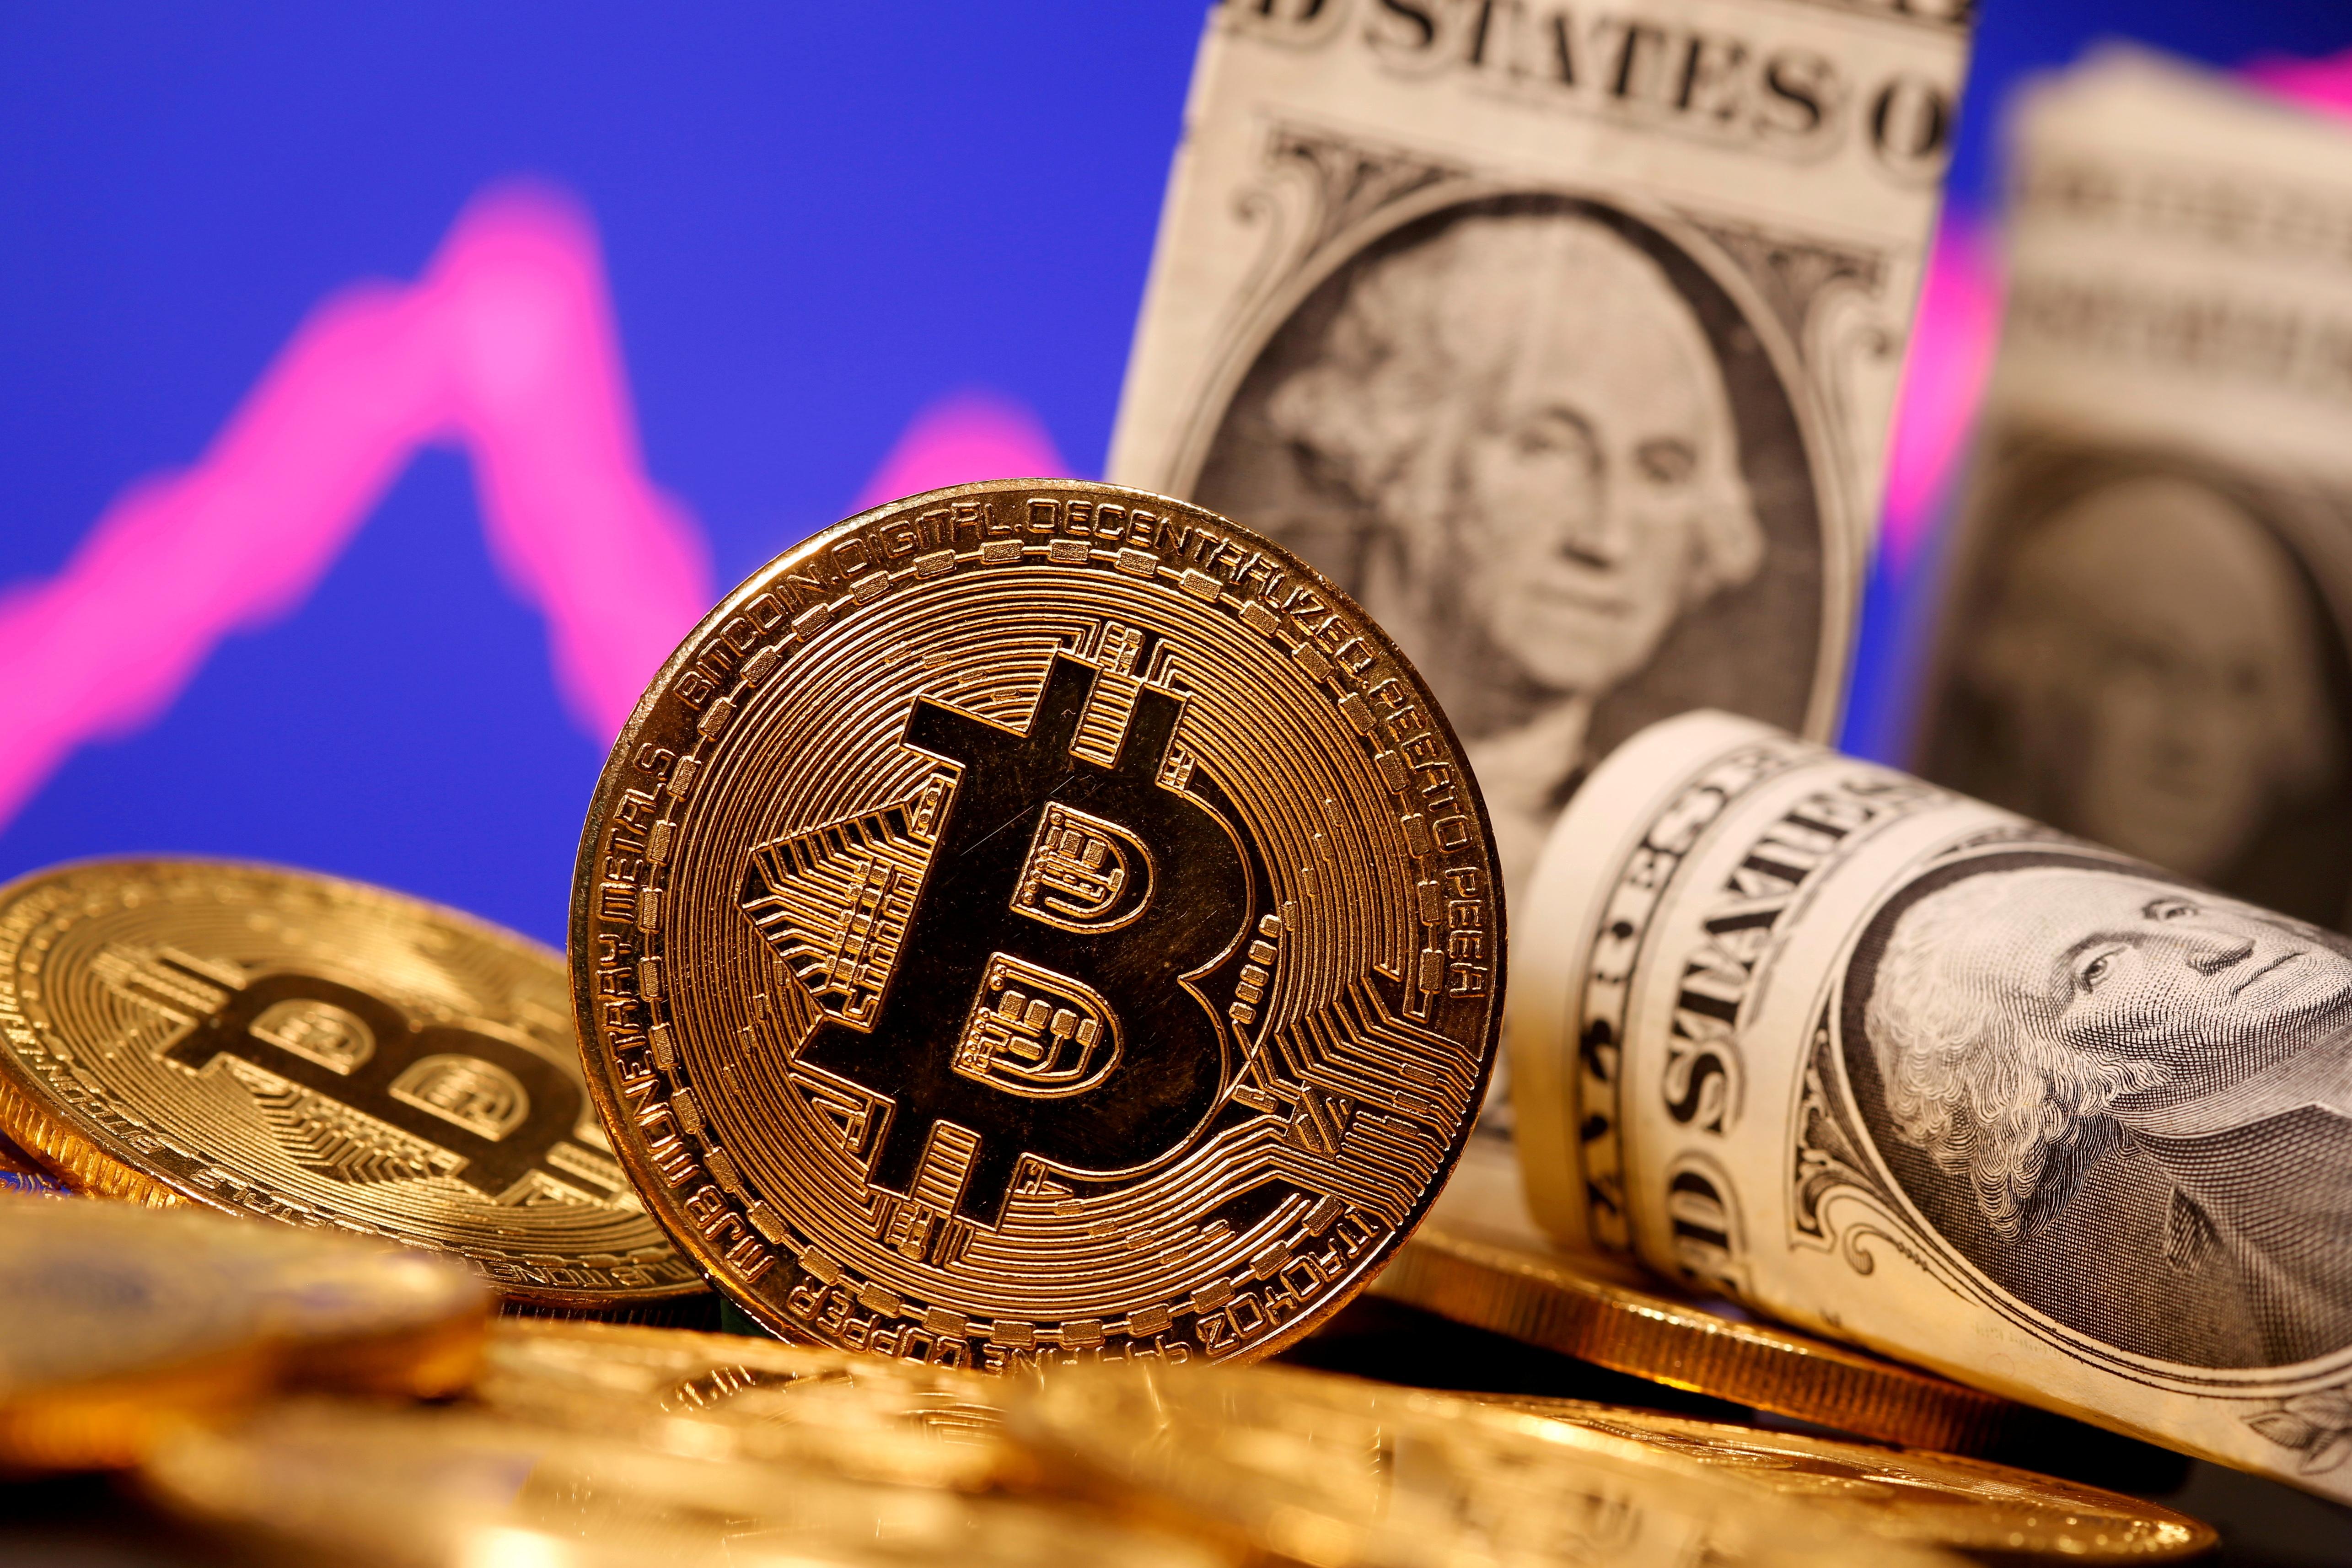 începeți propriul schimb de bitcoin fbi a confiscat bitcoin